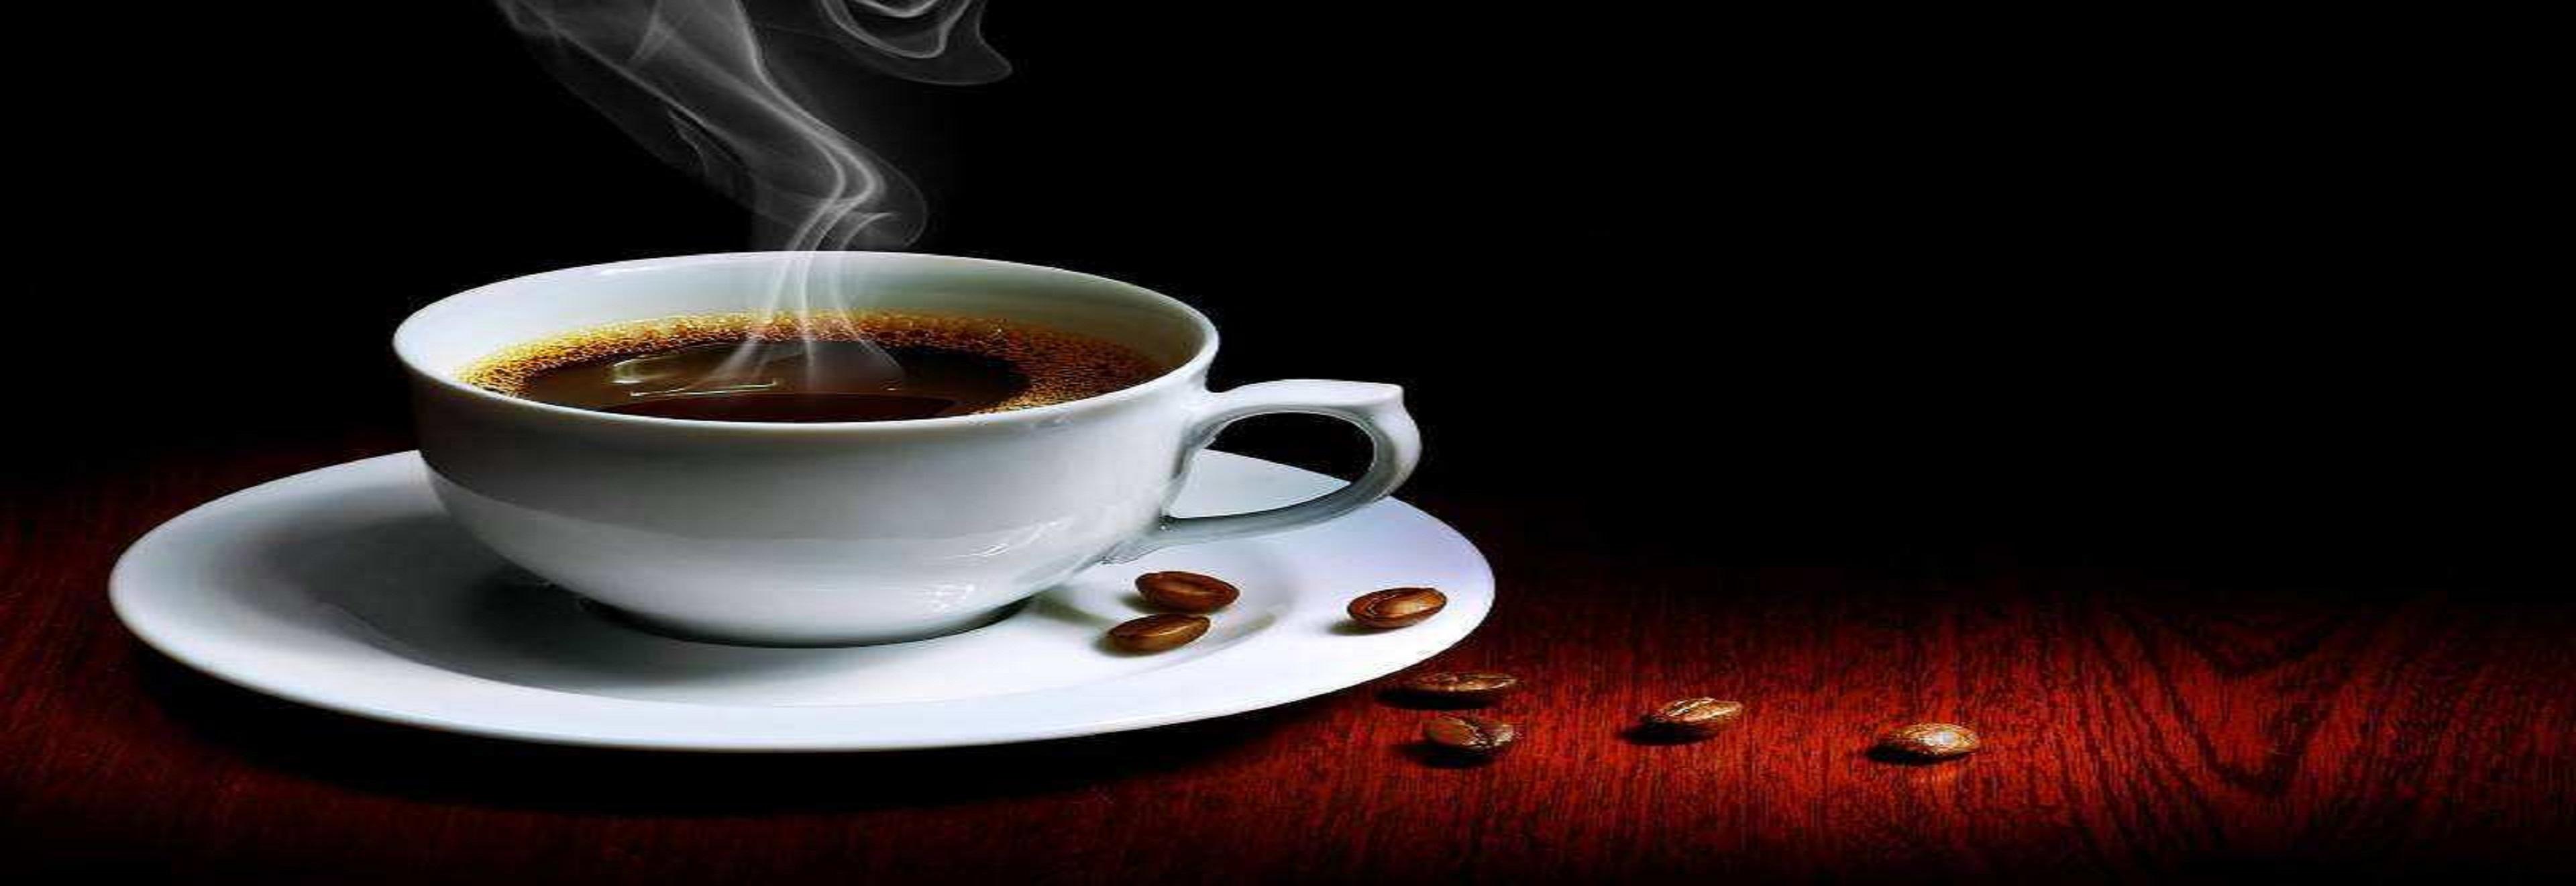 一杯咖啡引得四方英豪纷至沓来